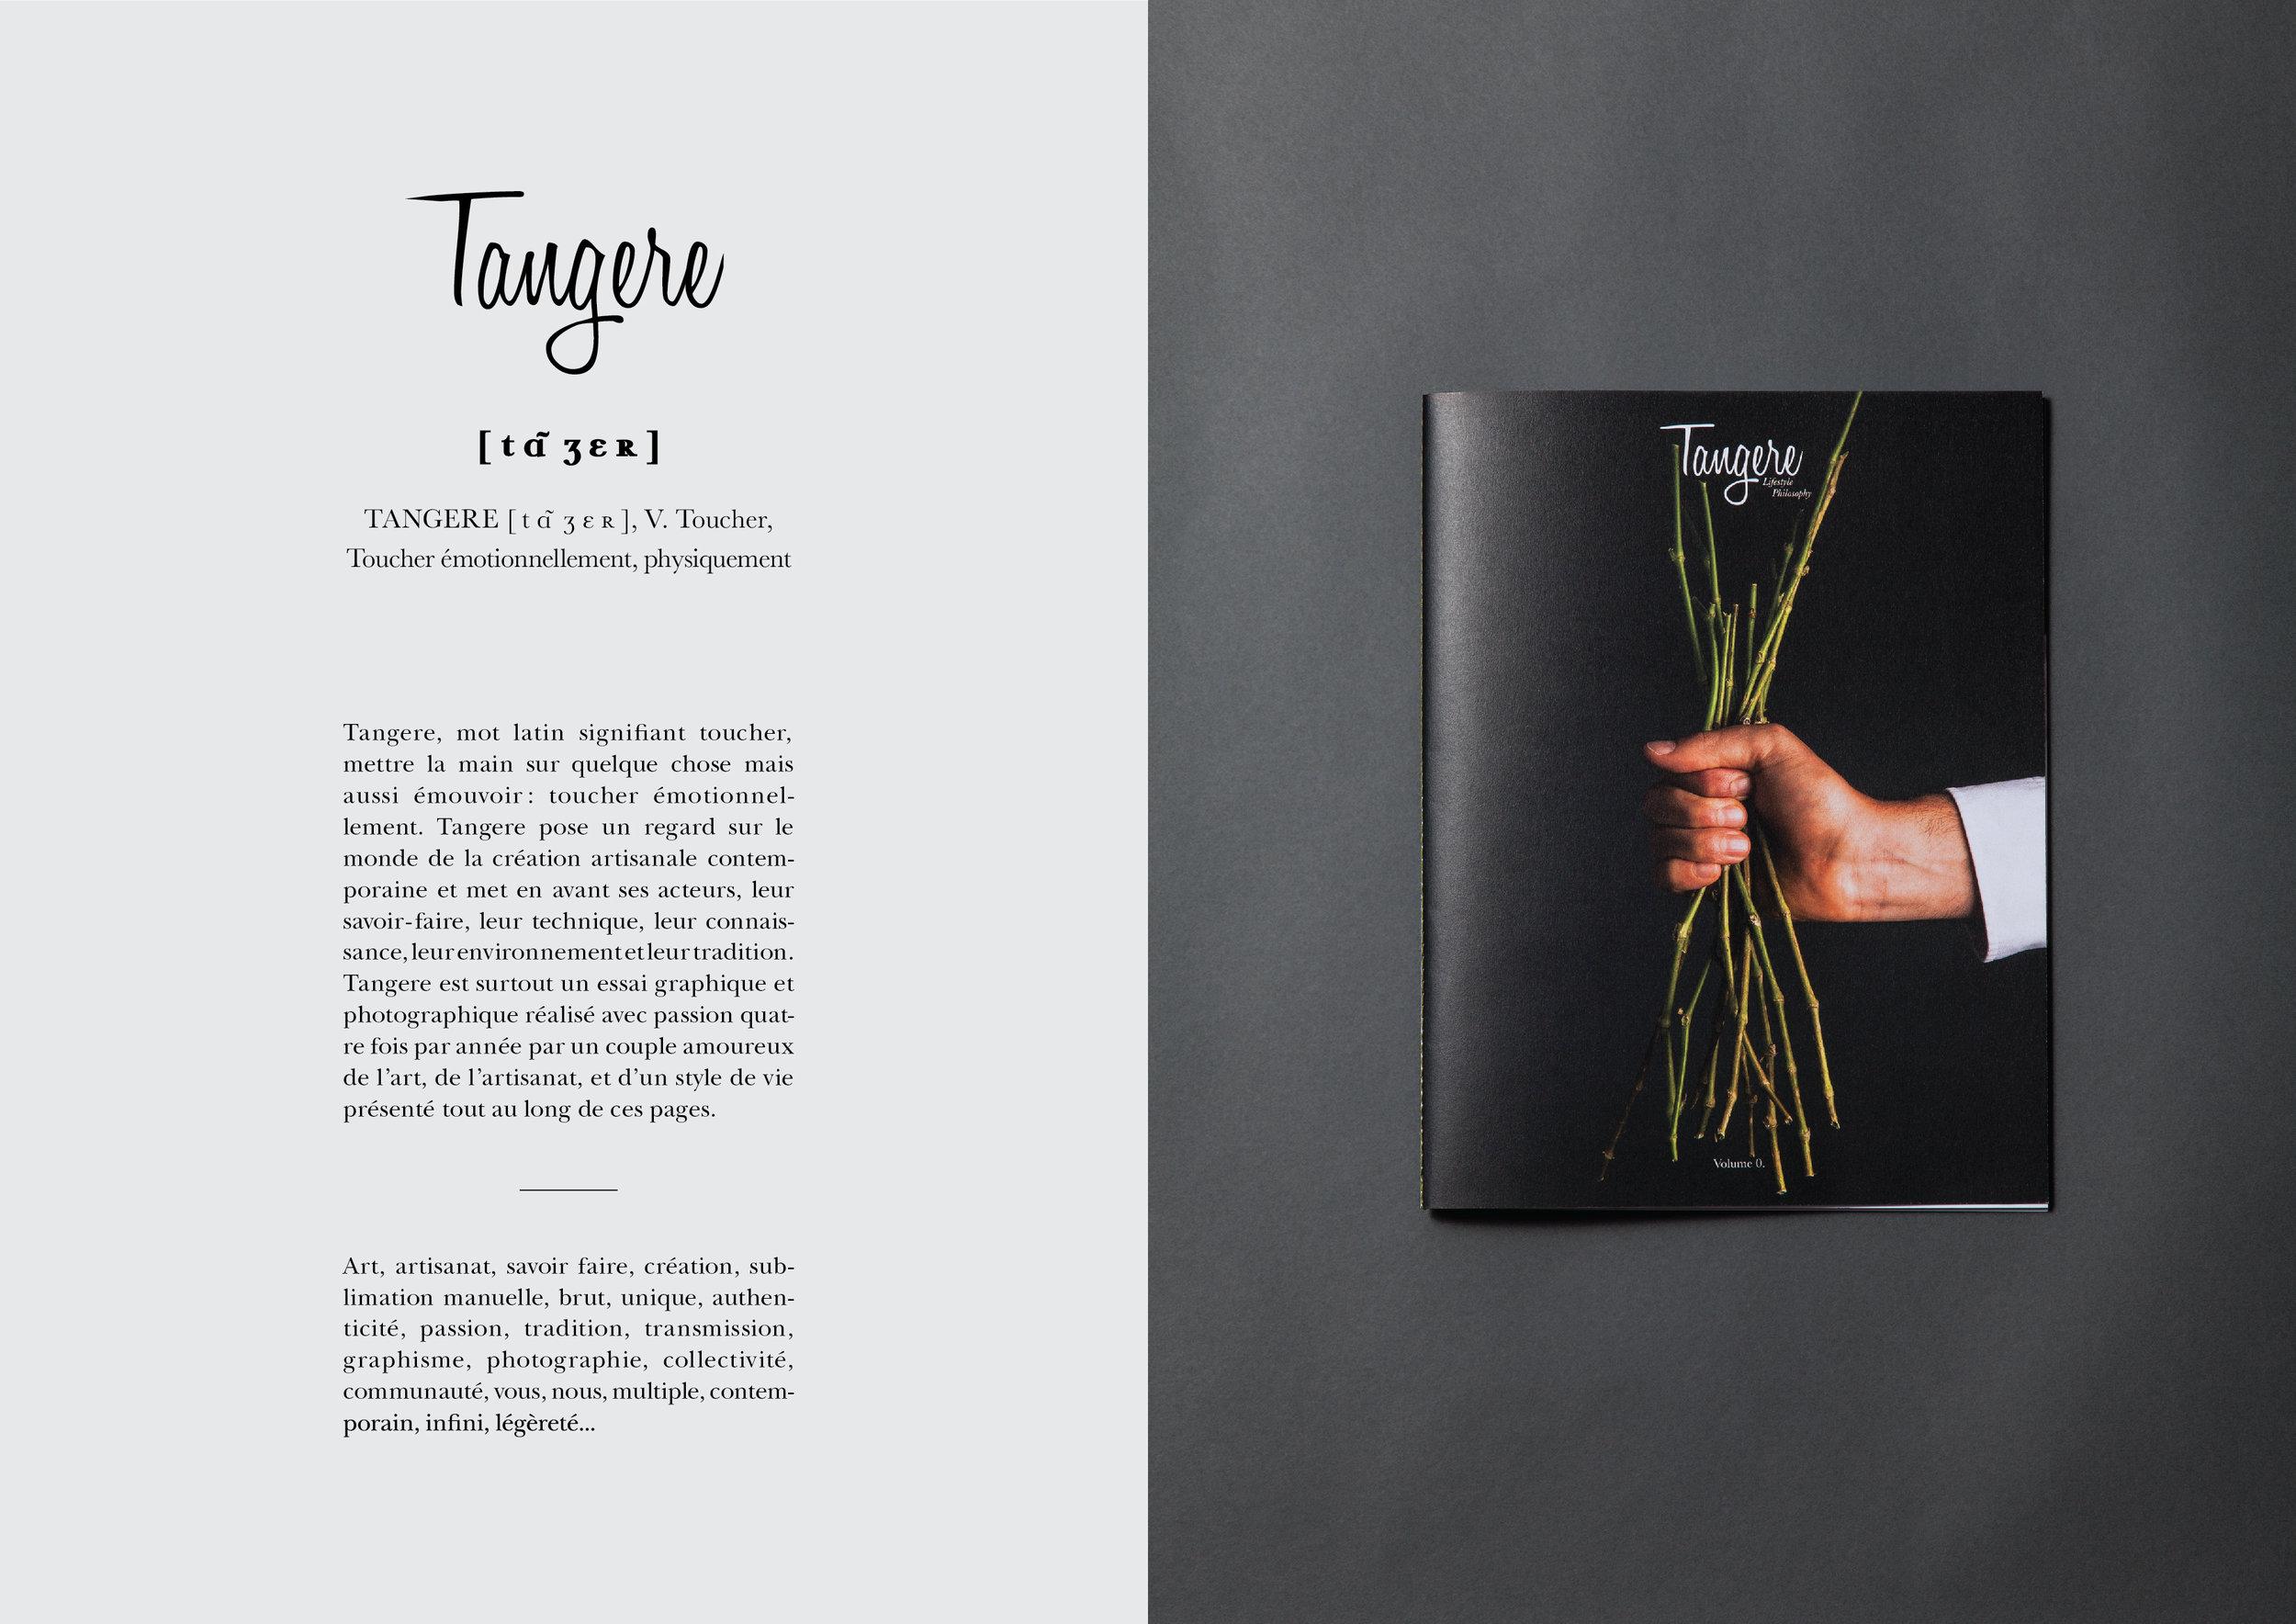 WhyTheG_GeraldineAusino_TangereMagazine-01.jpg